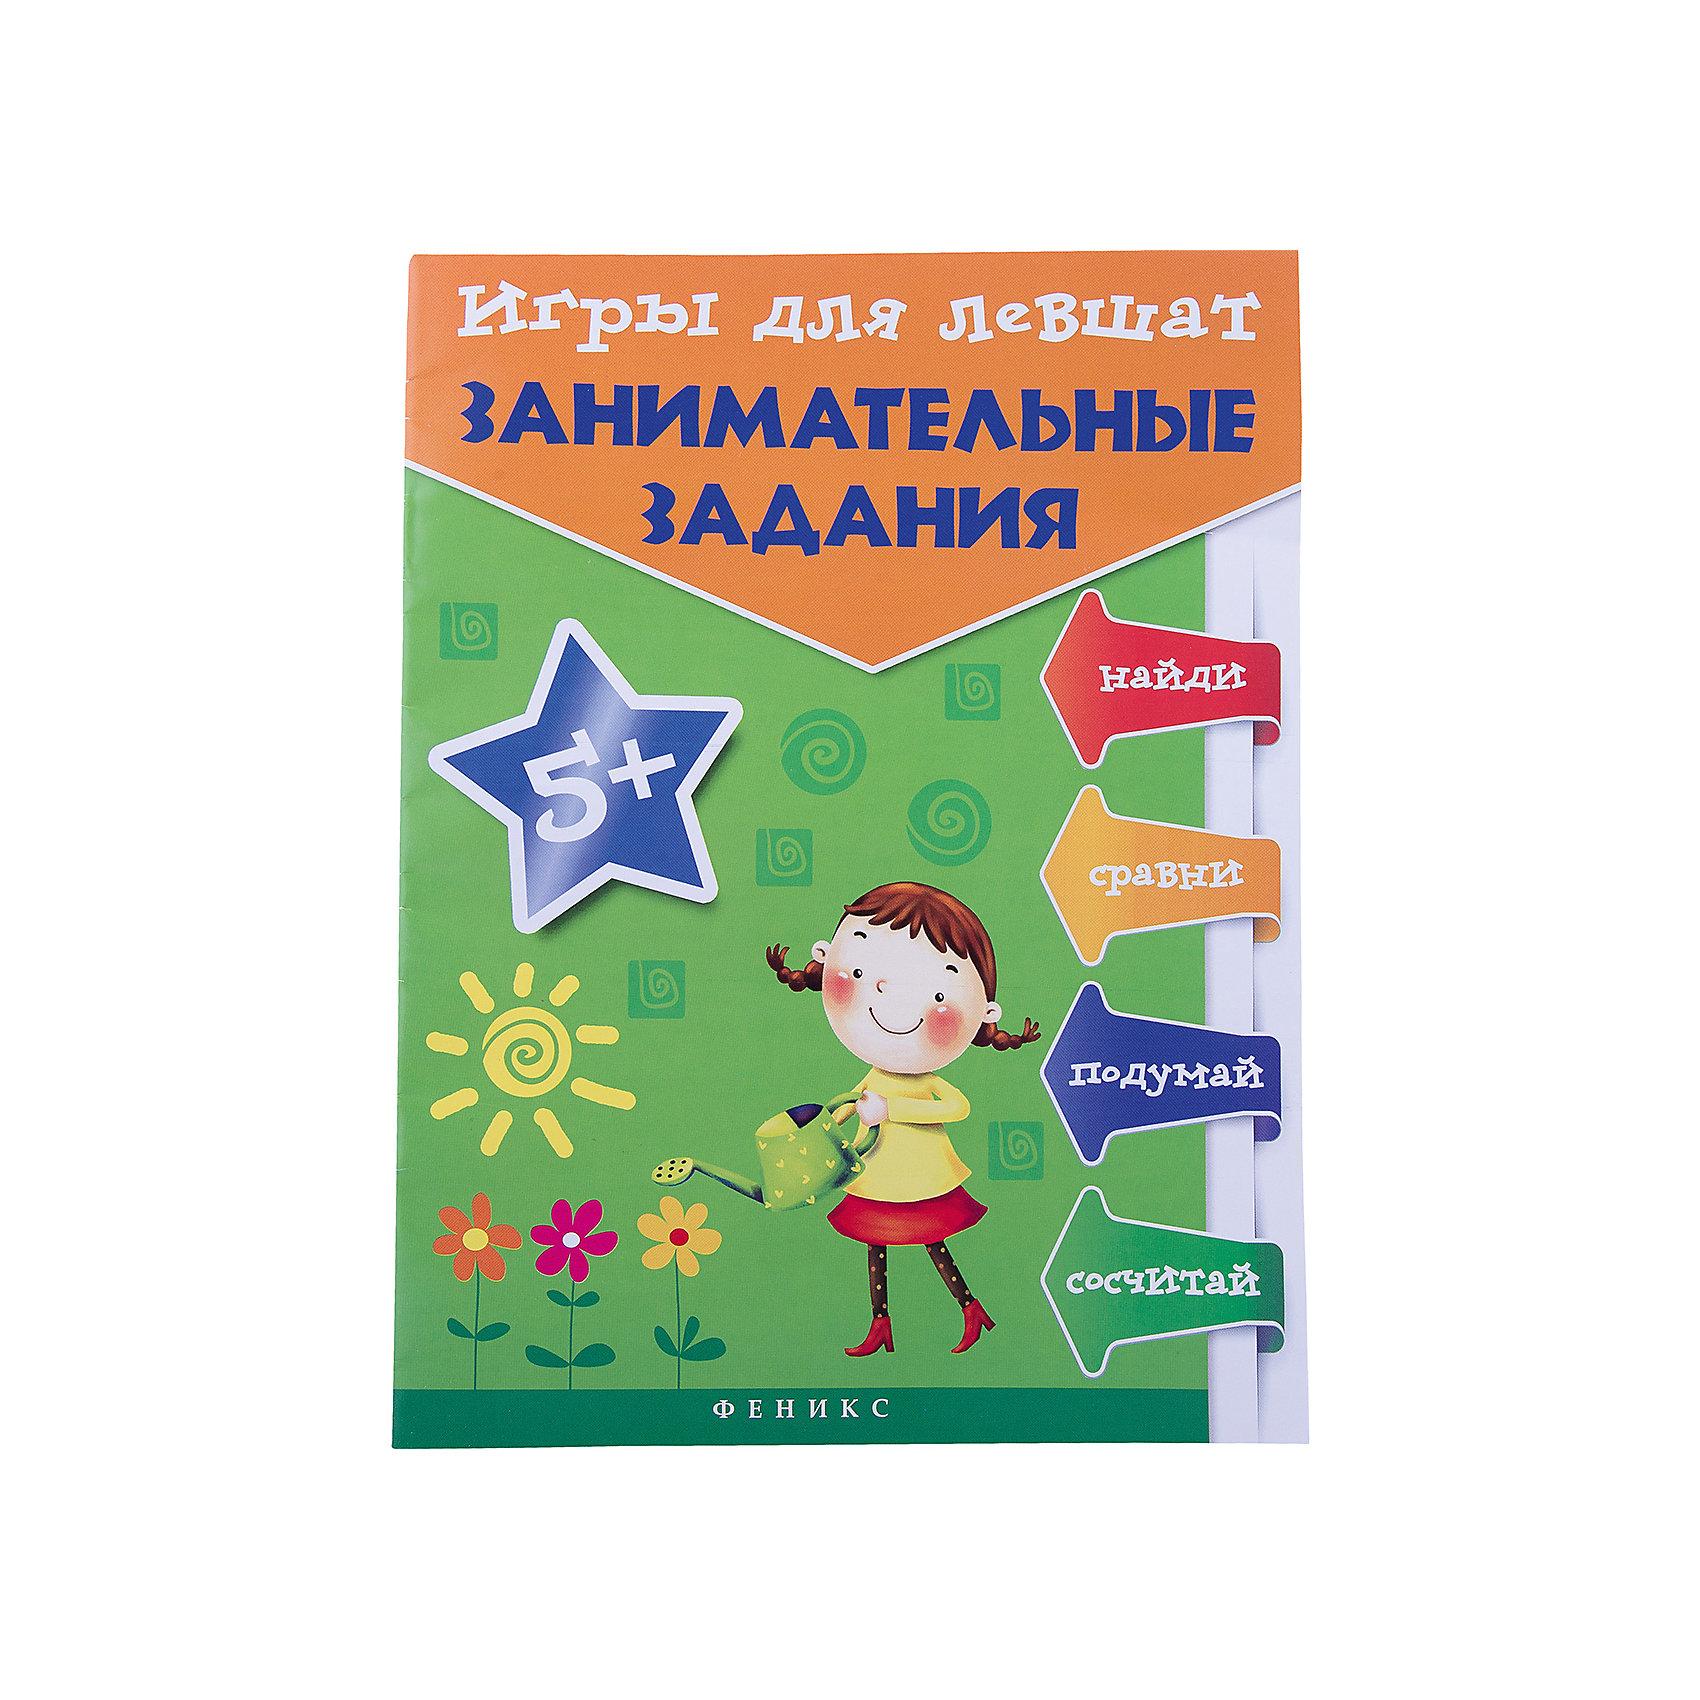 Игры для левшат:занимательные заданияКниги для развития мышления<br>Характеристики товара: <br><br>• ISBN: 978-5-222-22608-7; <br>• возраст: от 5 лет;<br>• формат: 205х260; <br>• бумага: офсет; <br>• иллюстрации: цветные; <br>• серия: Мир вашего ребенка;<br>• издательство: Феникс; <br>• автор: Татьяна Пятница;<br>• редактор: Морозова Оксана, Калиничева Наталья;<br>• количество страниц: 16; <br>• размер: 20,5х26 см;<br>• вес: 52 грамма.<br><br>Книга «Игра для левшат: занимательные задания» создана специально для левшей. Выполняя интересные задания, ребенок научится считать, сравнивать, сопоставлять и правильно относиться к миру правшей. На страницах издания юный читатель найдет увлекательные ребусы, лабиринты и загадки, развивающие мелкую моторику, логику, память и внимание.<br><br>Книгу «Игры для левшат: занимательные задания», Феникс можно купить в нашем интернет-магазине.<br><br>Ширина мм: 260<br>Глубина мм: 199<br>Высота мм: 1<br>Вес г: 60<br>Возраст от месяцев: 12<br>Возраст до месяцев: 72<br>Пол: Унисекс<br>Возраст: Детский<br>SKU: 5120062